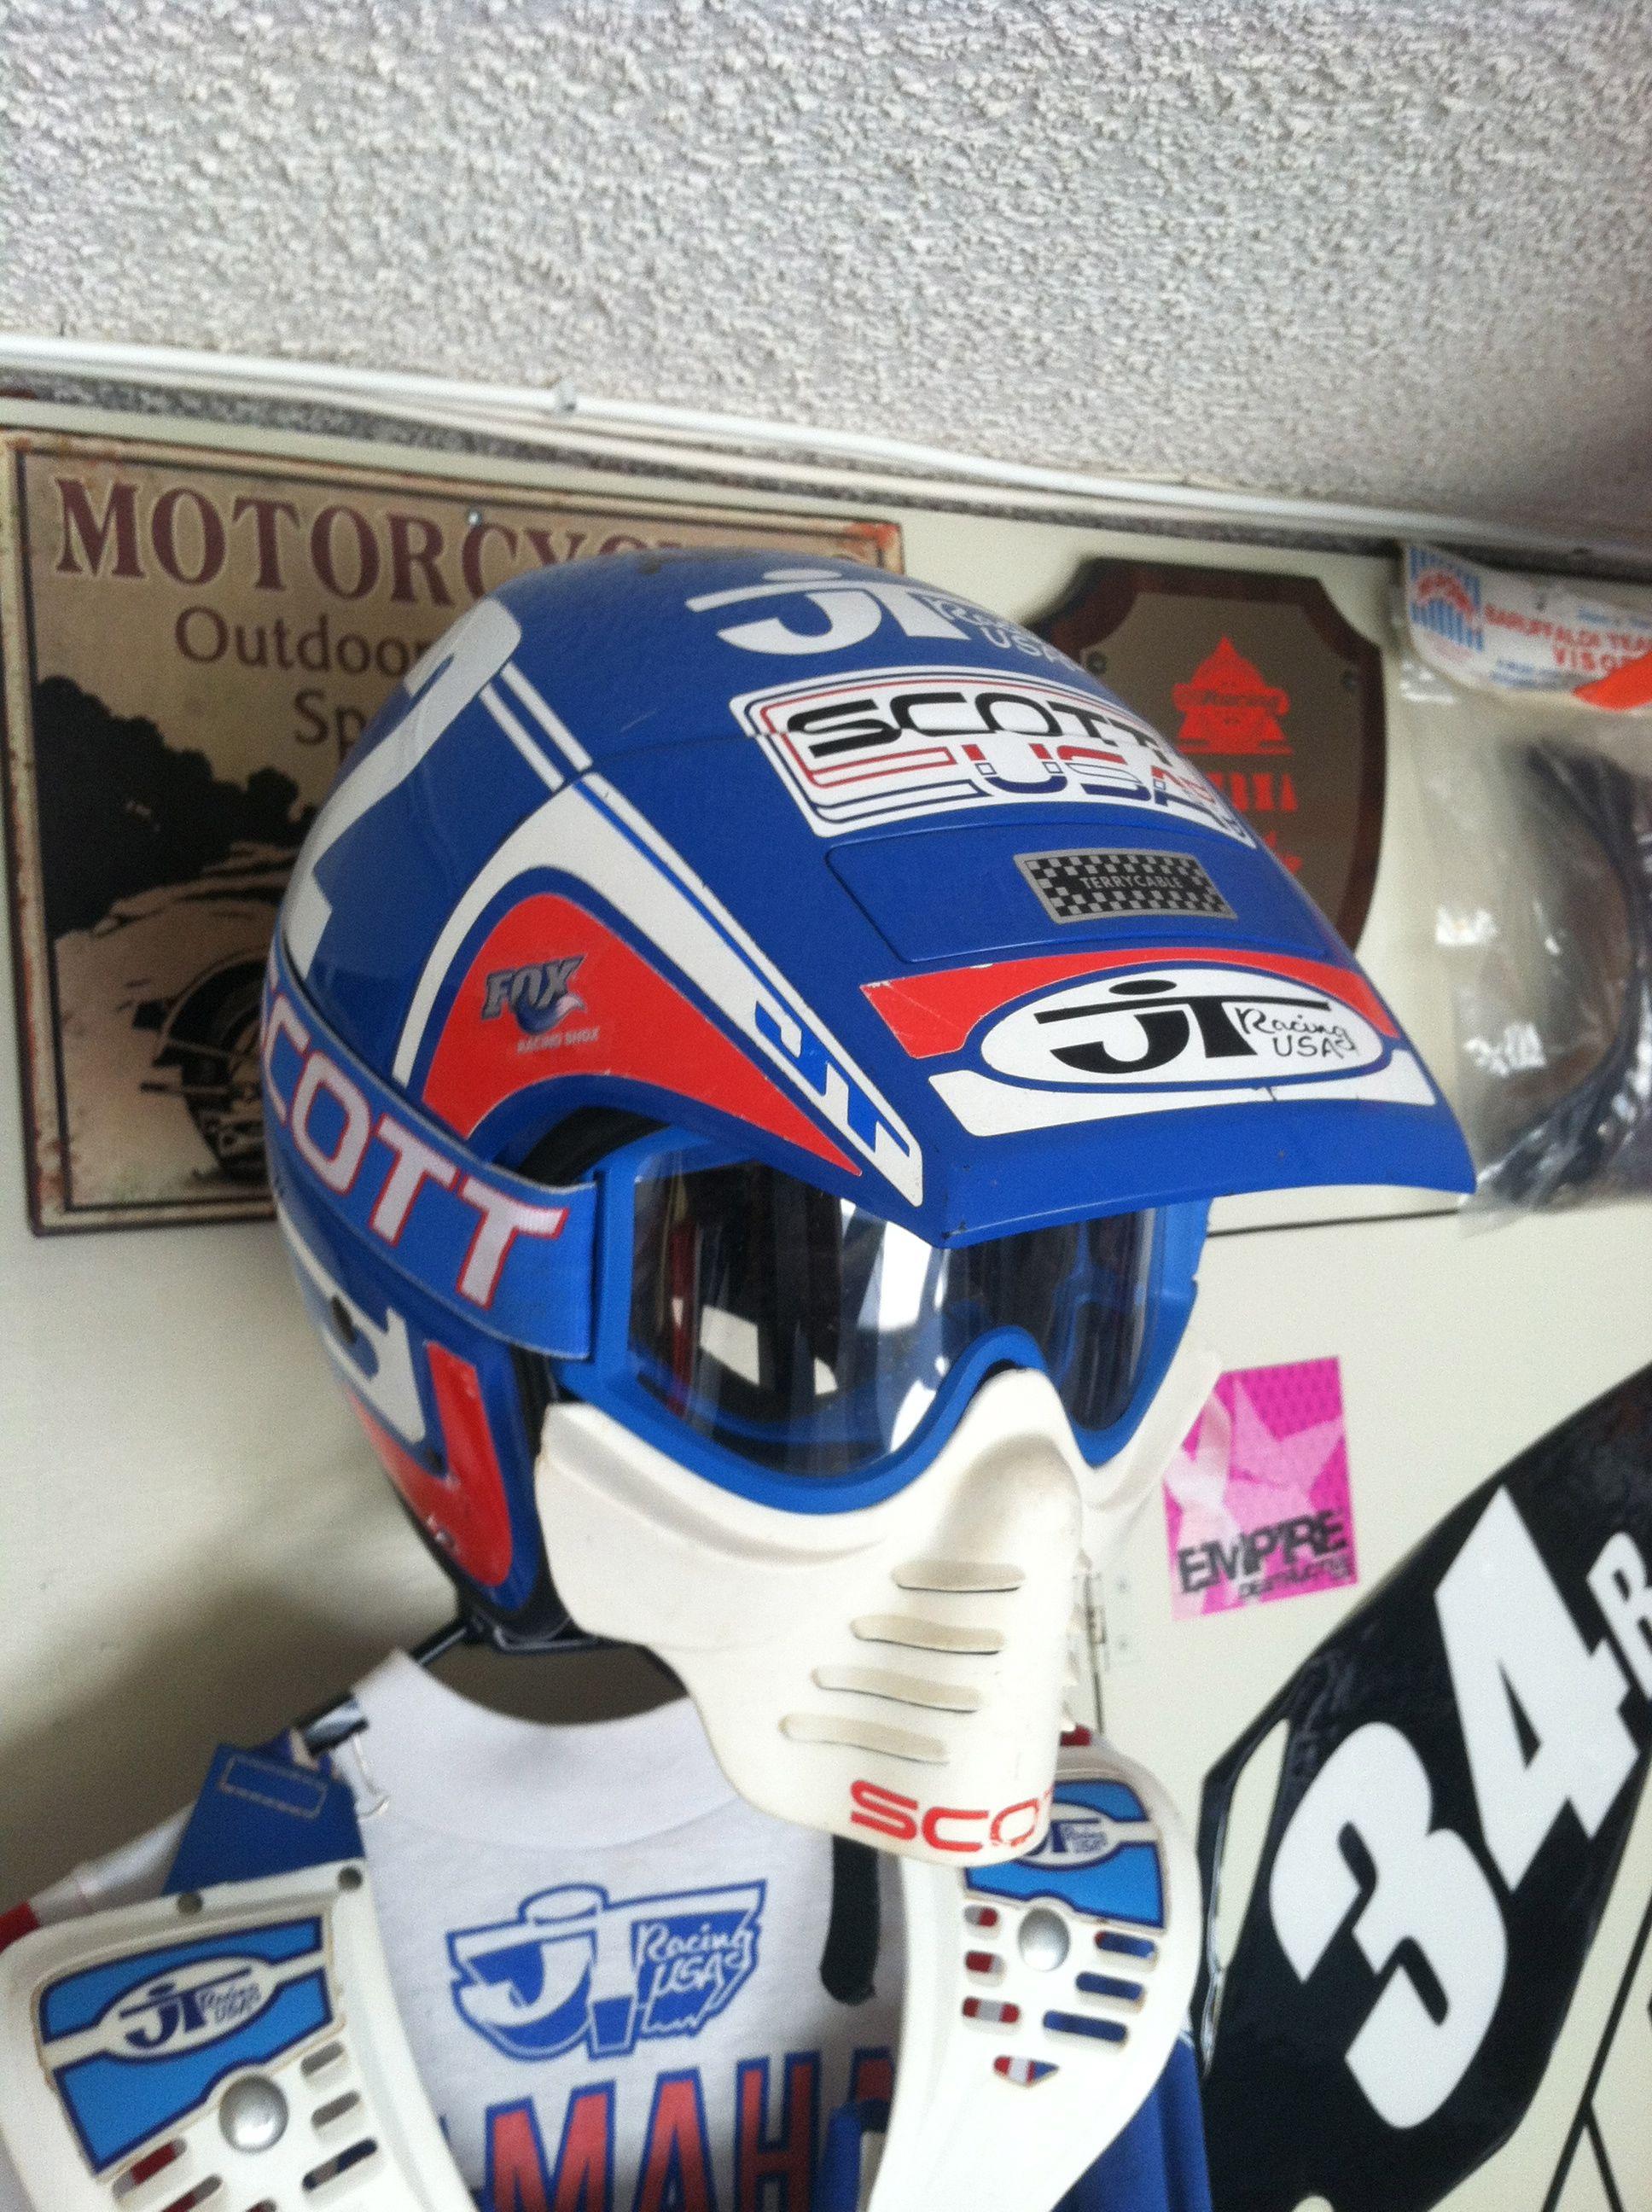 Vintage Gear Vintage Motocross Vintage Helmet Motocross Helmets